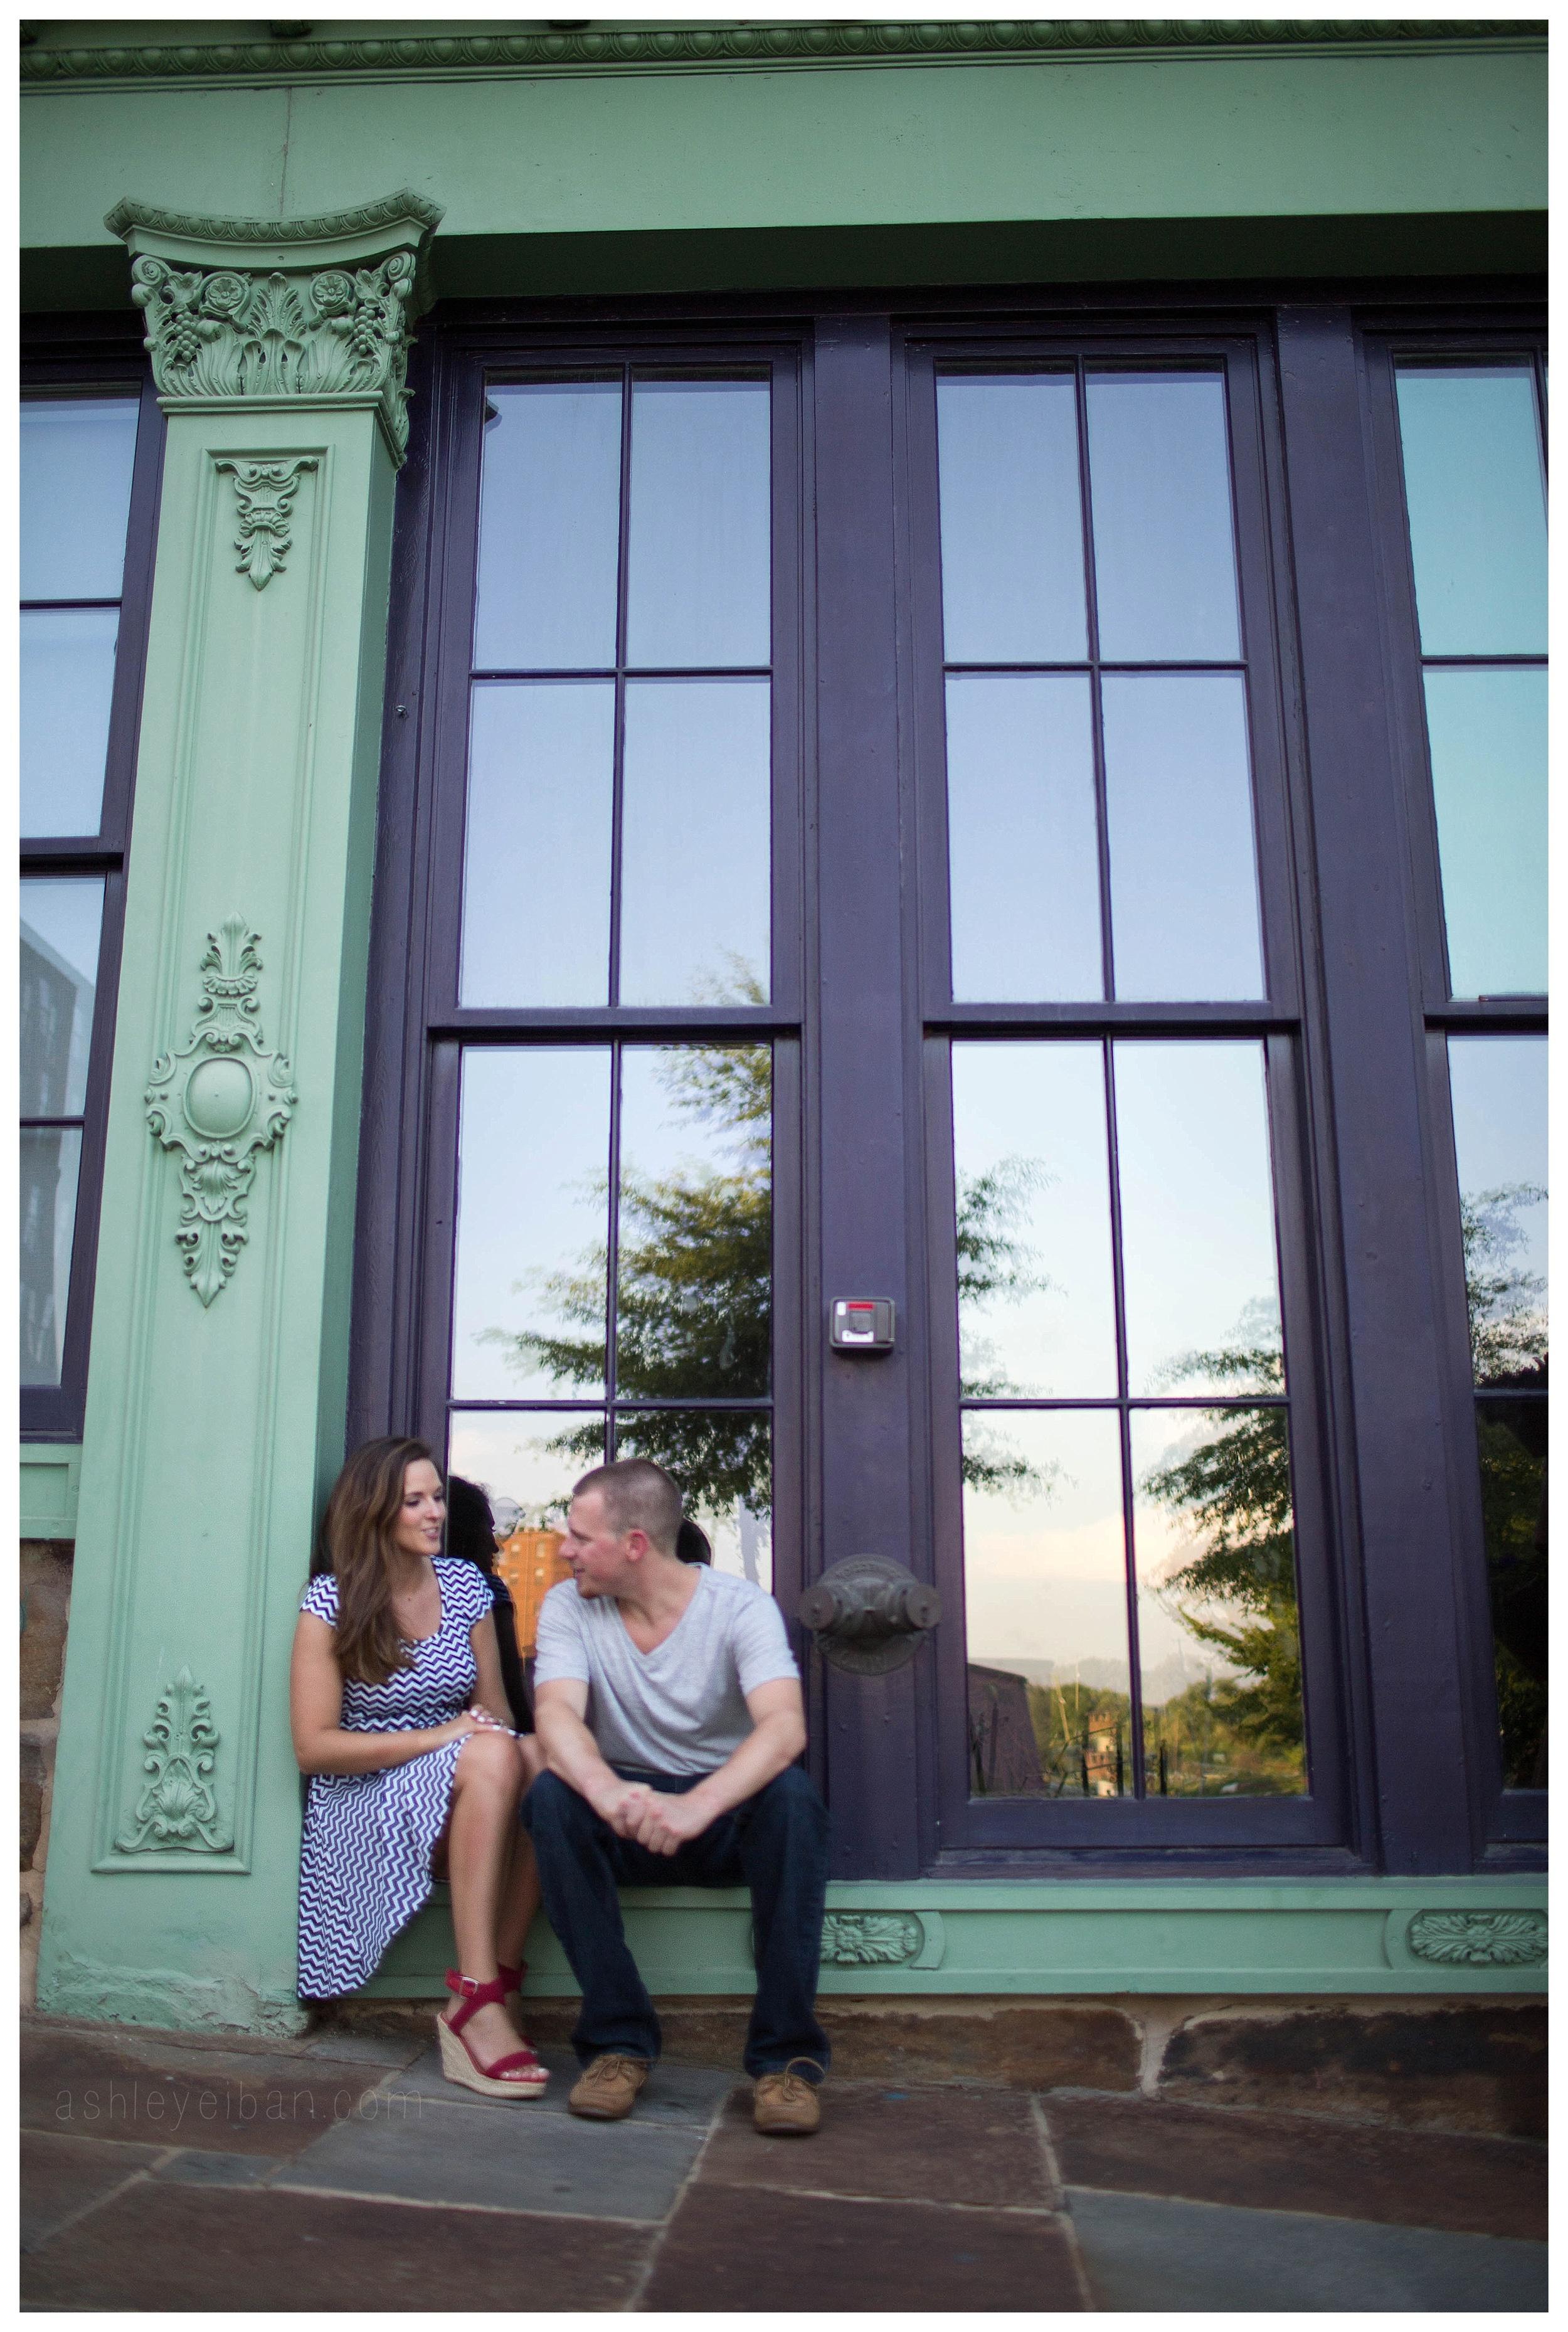 Lynchburg, Virginia Wedding & Portrait Photographer || Ashley Eiban Photography || www.ashleyeiban.com